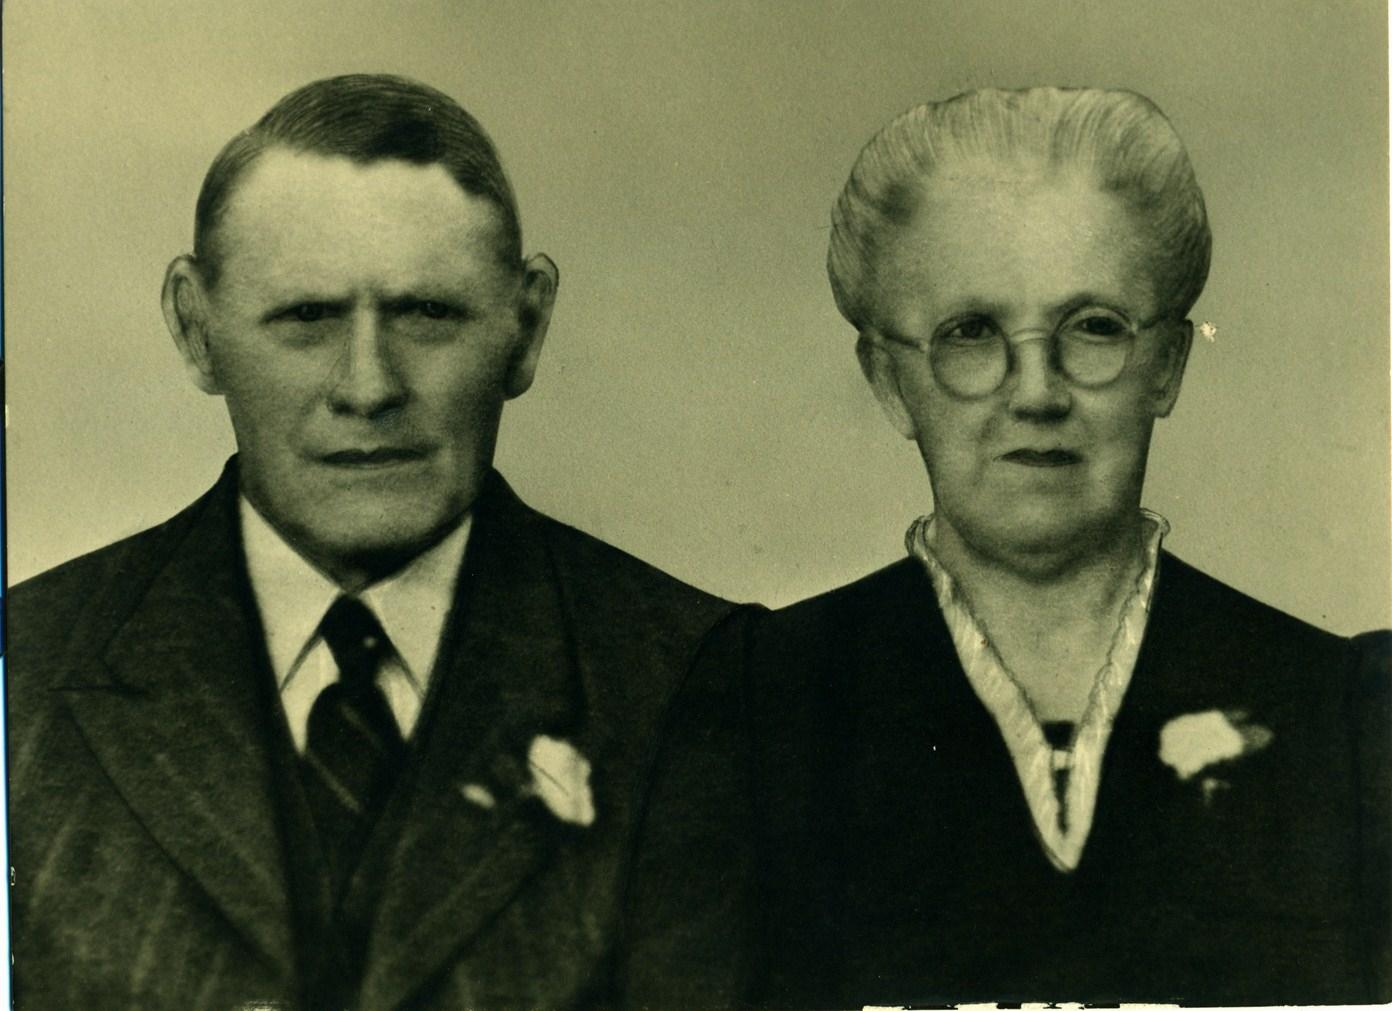 pieter-nanno-brandsema-1888-1958-en-aafje-van-norden-1891-1969-5-kopie